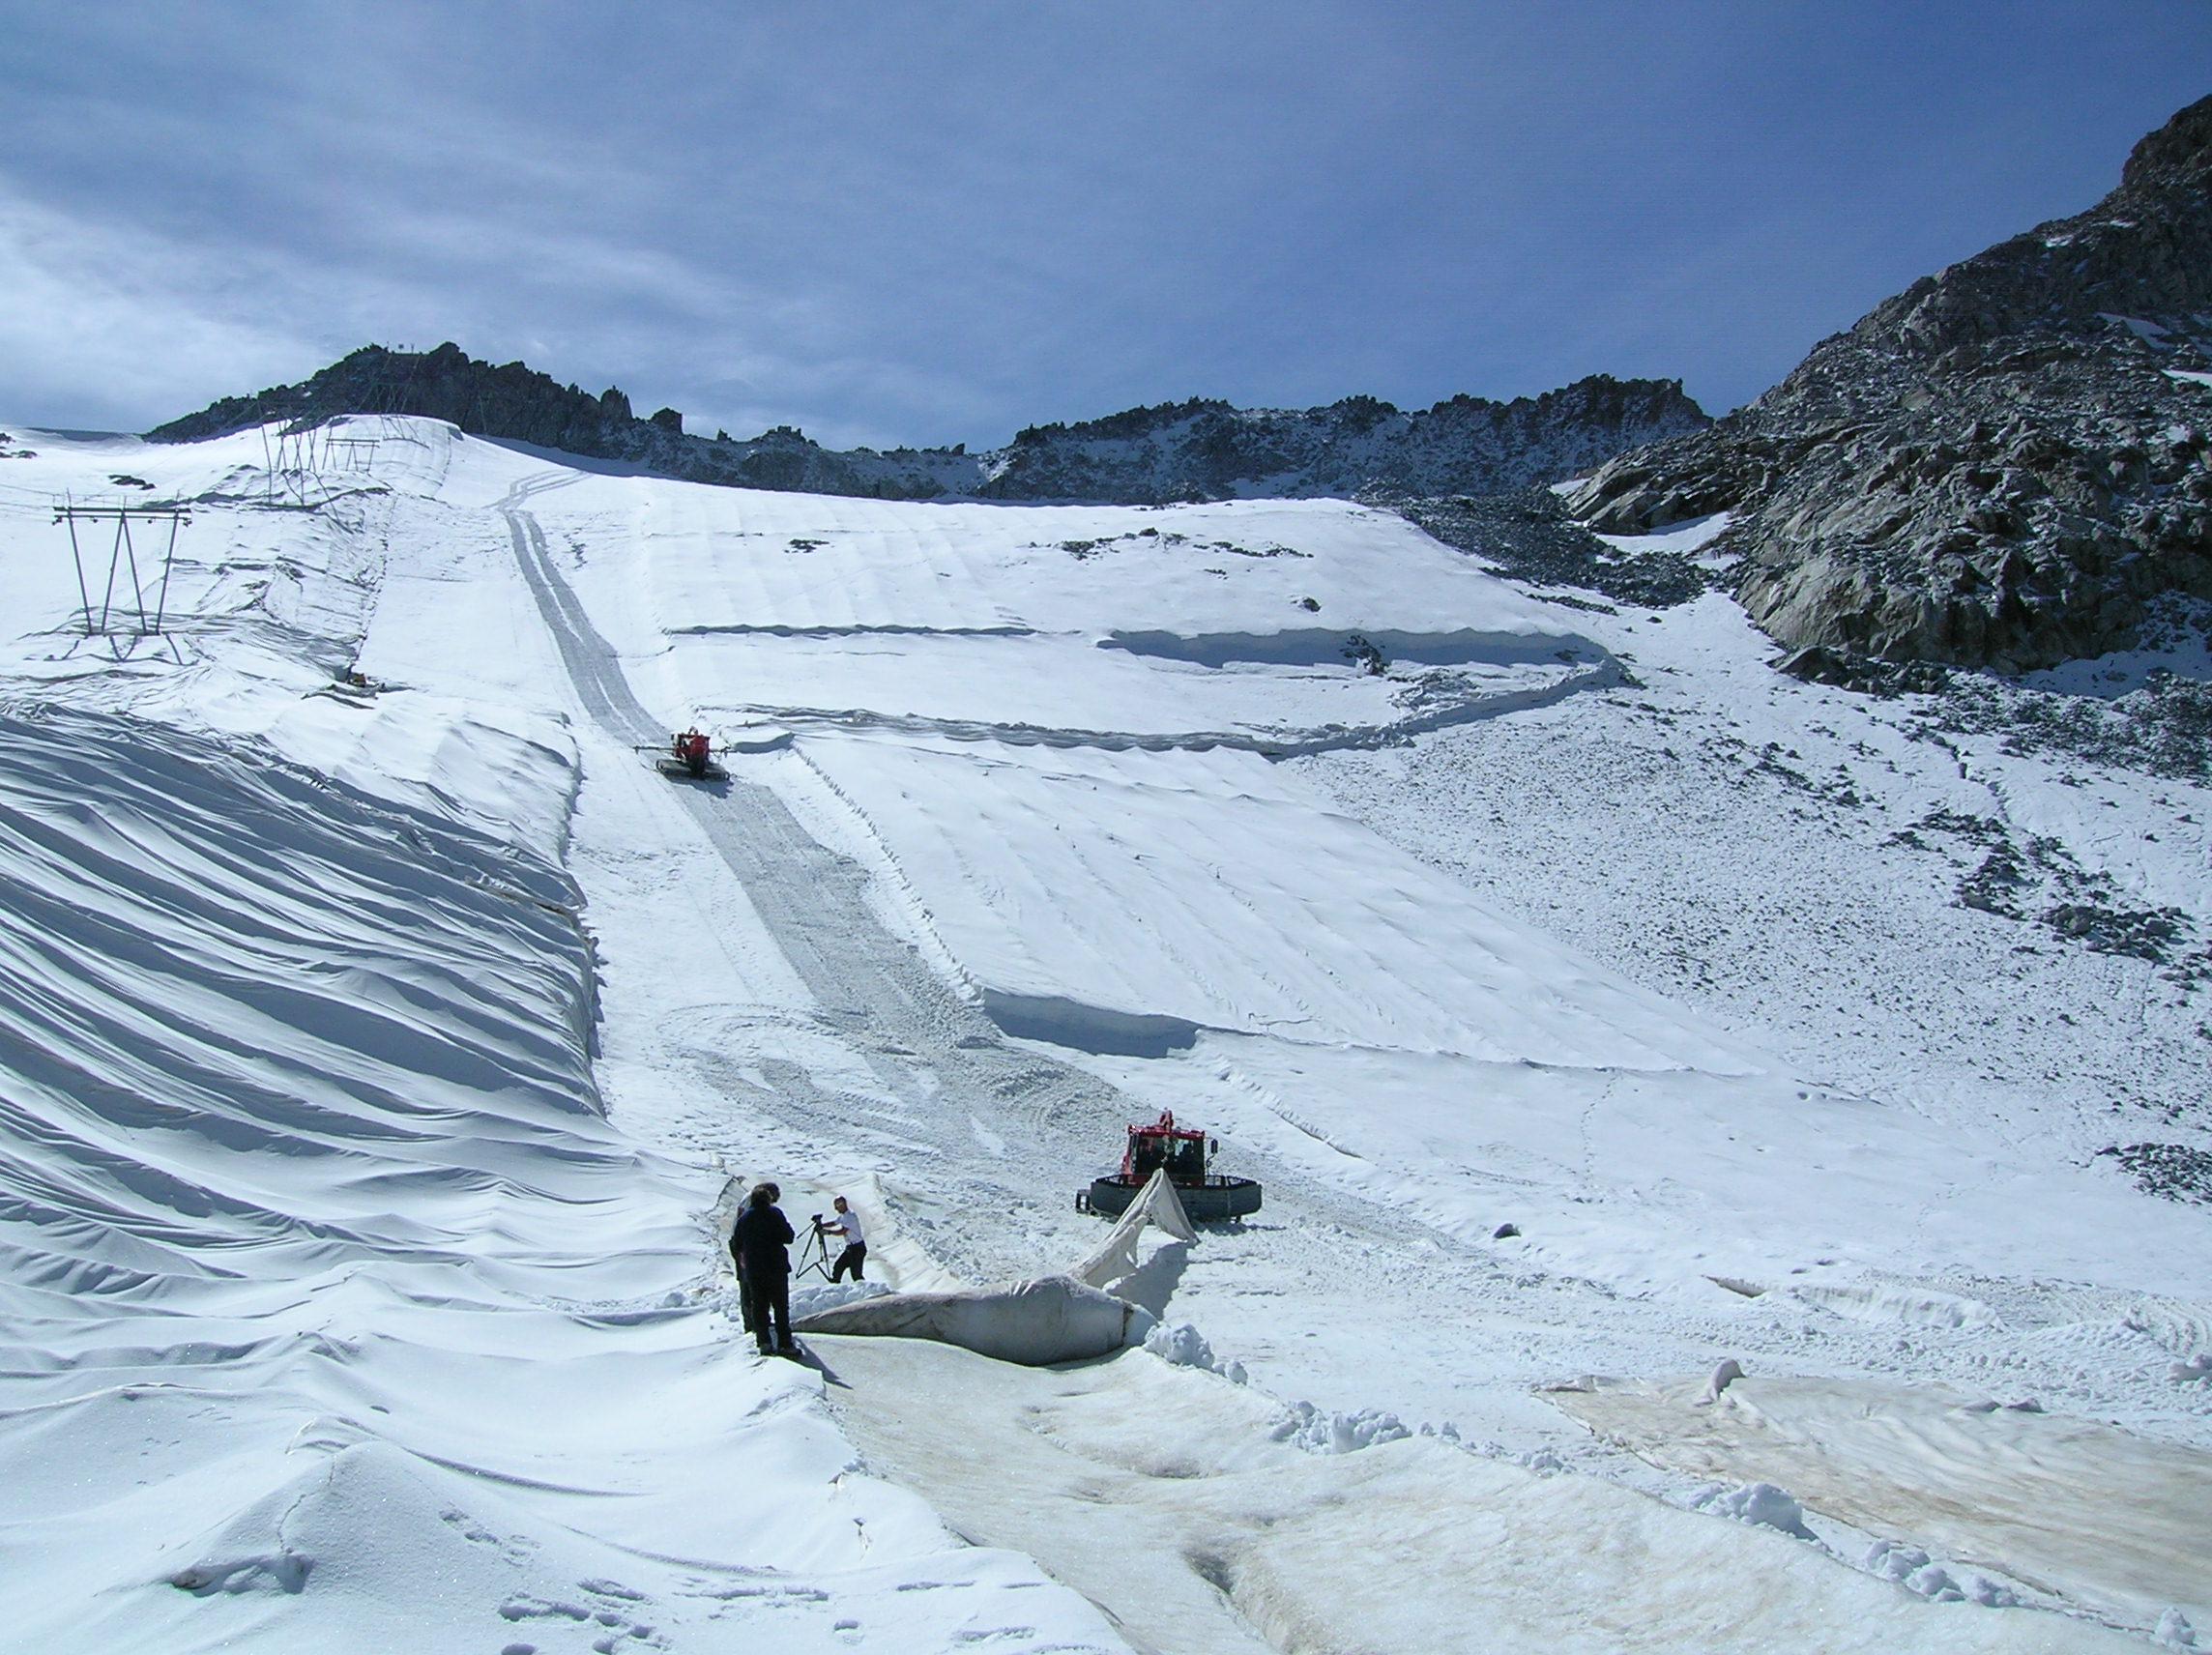 La coperta estiva sul ghiacciao del Presena salva 130.000 metri cubi di neve